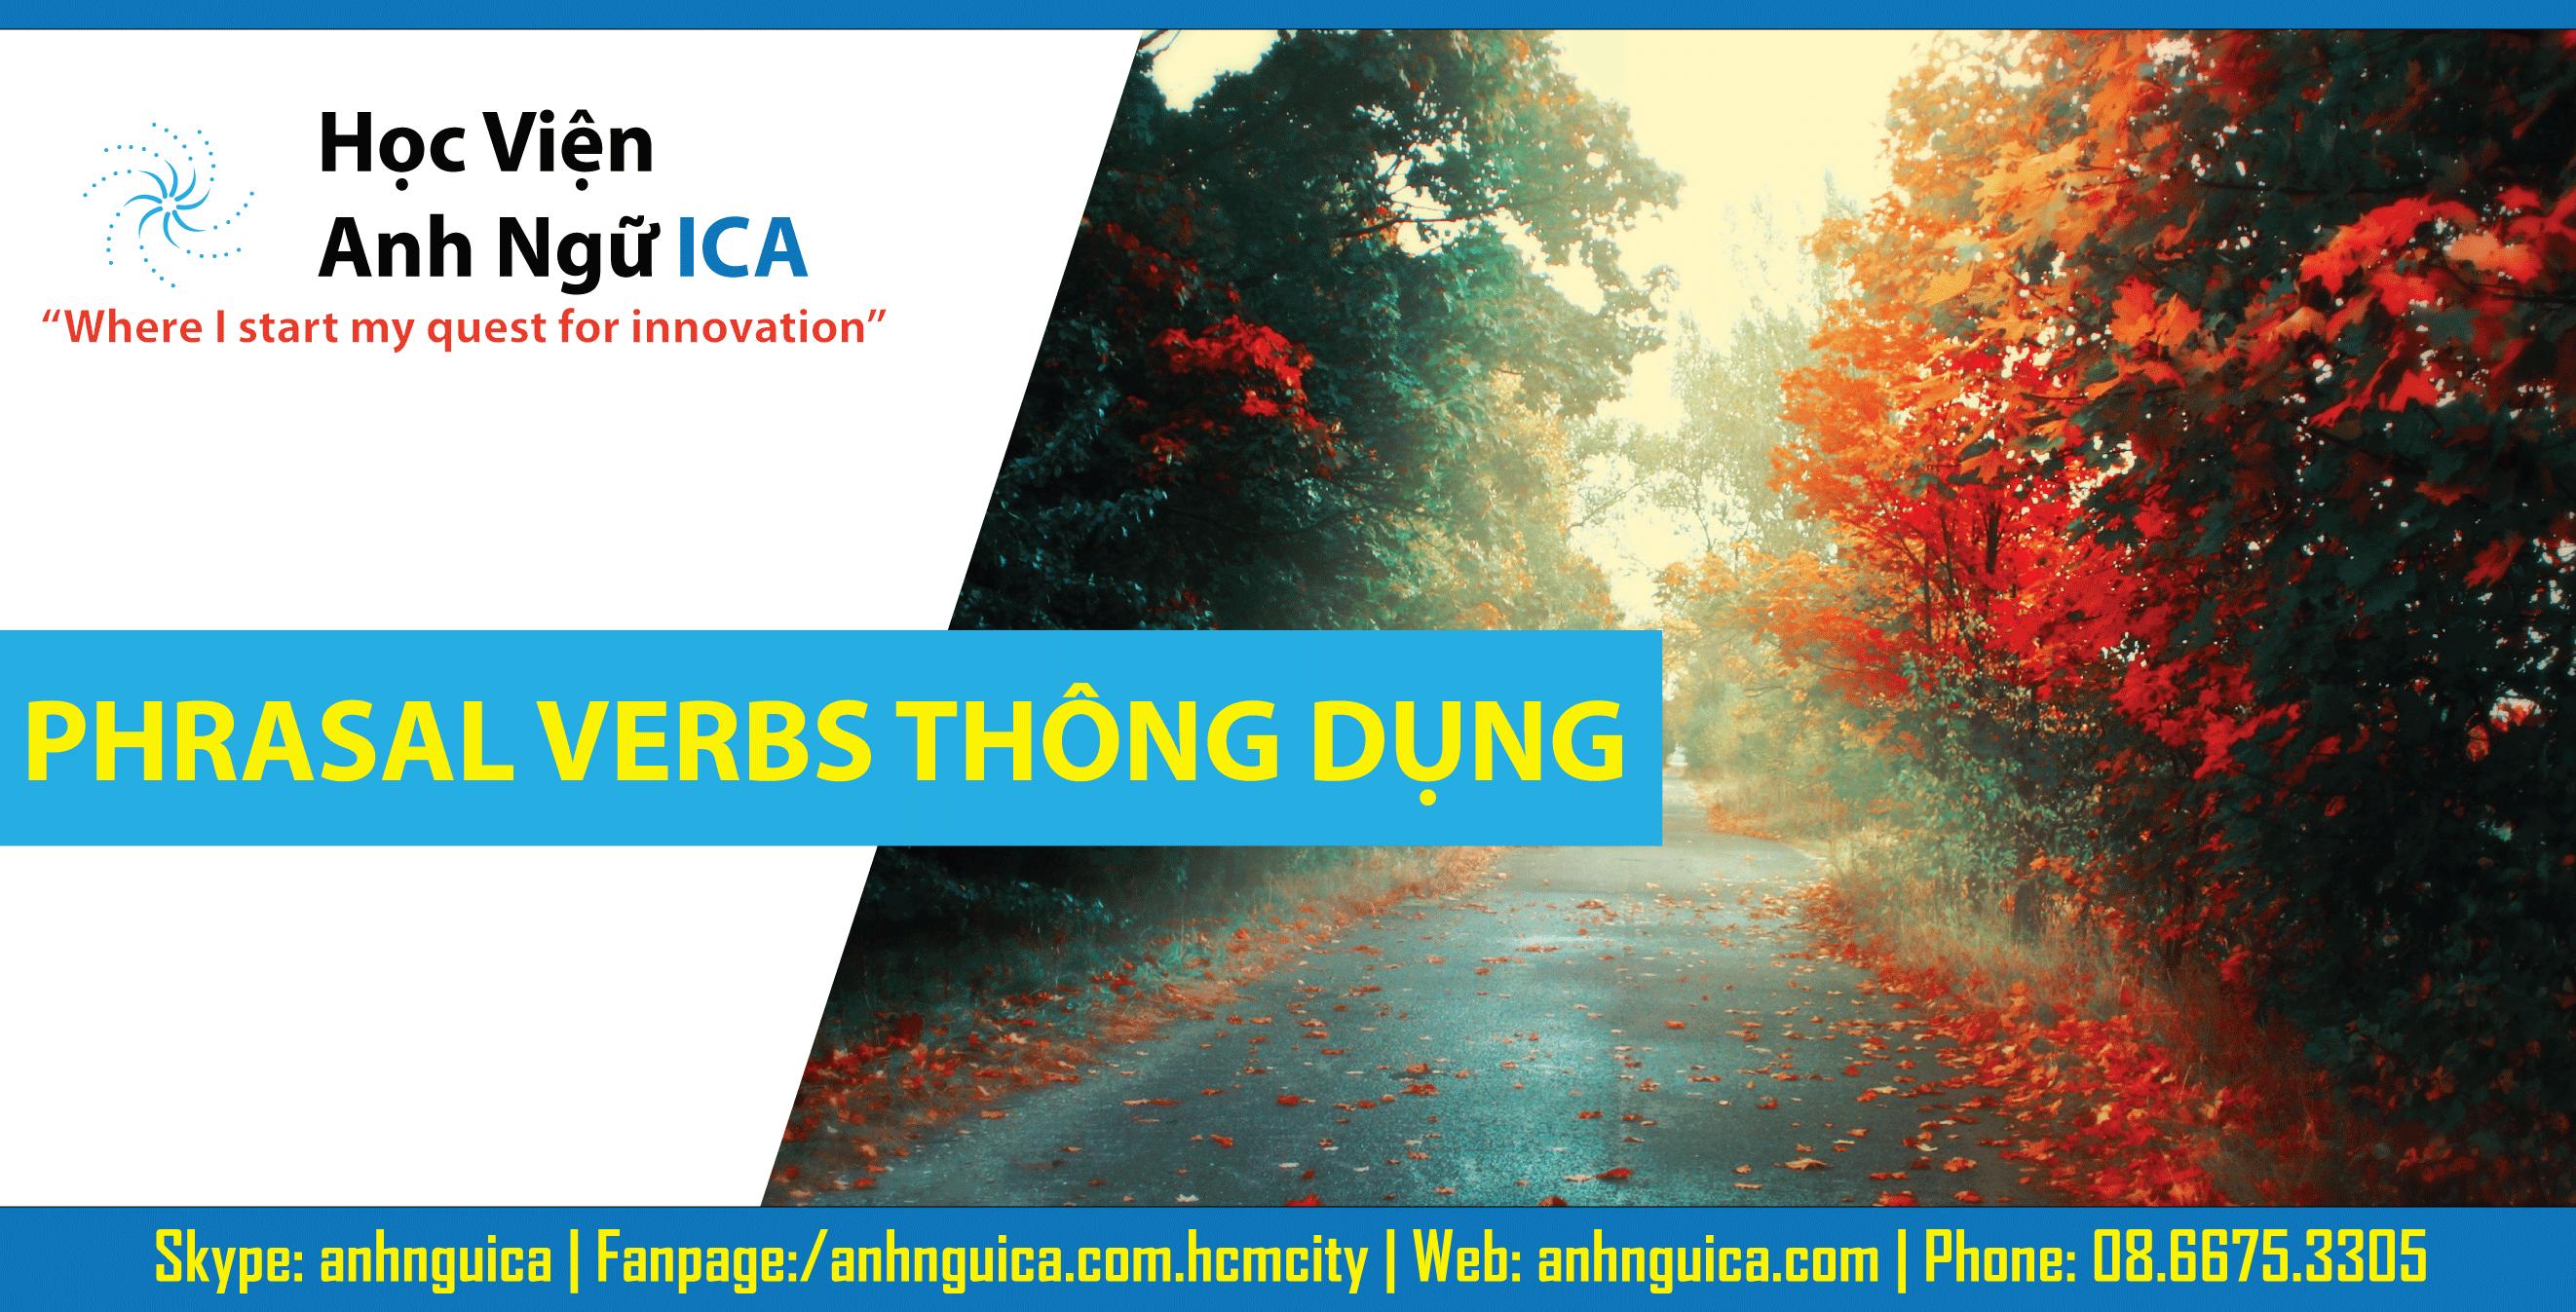 Phrasal verbs thông dụng hay dùng trong thi HSG và luyện thi ĐH.